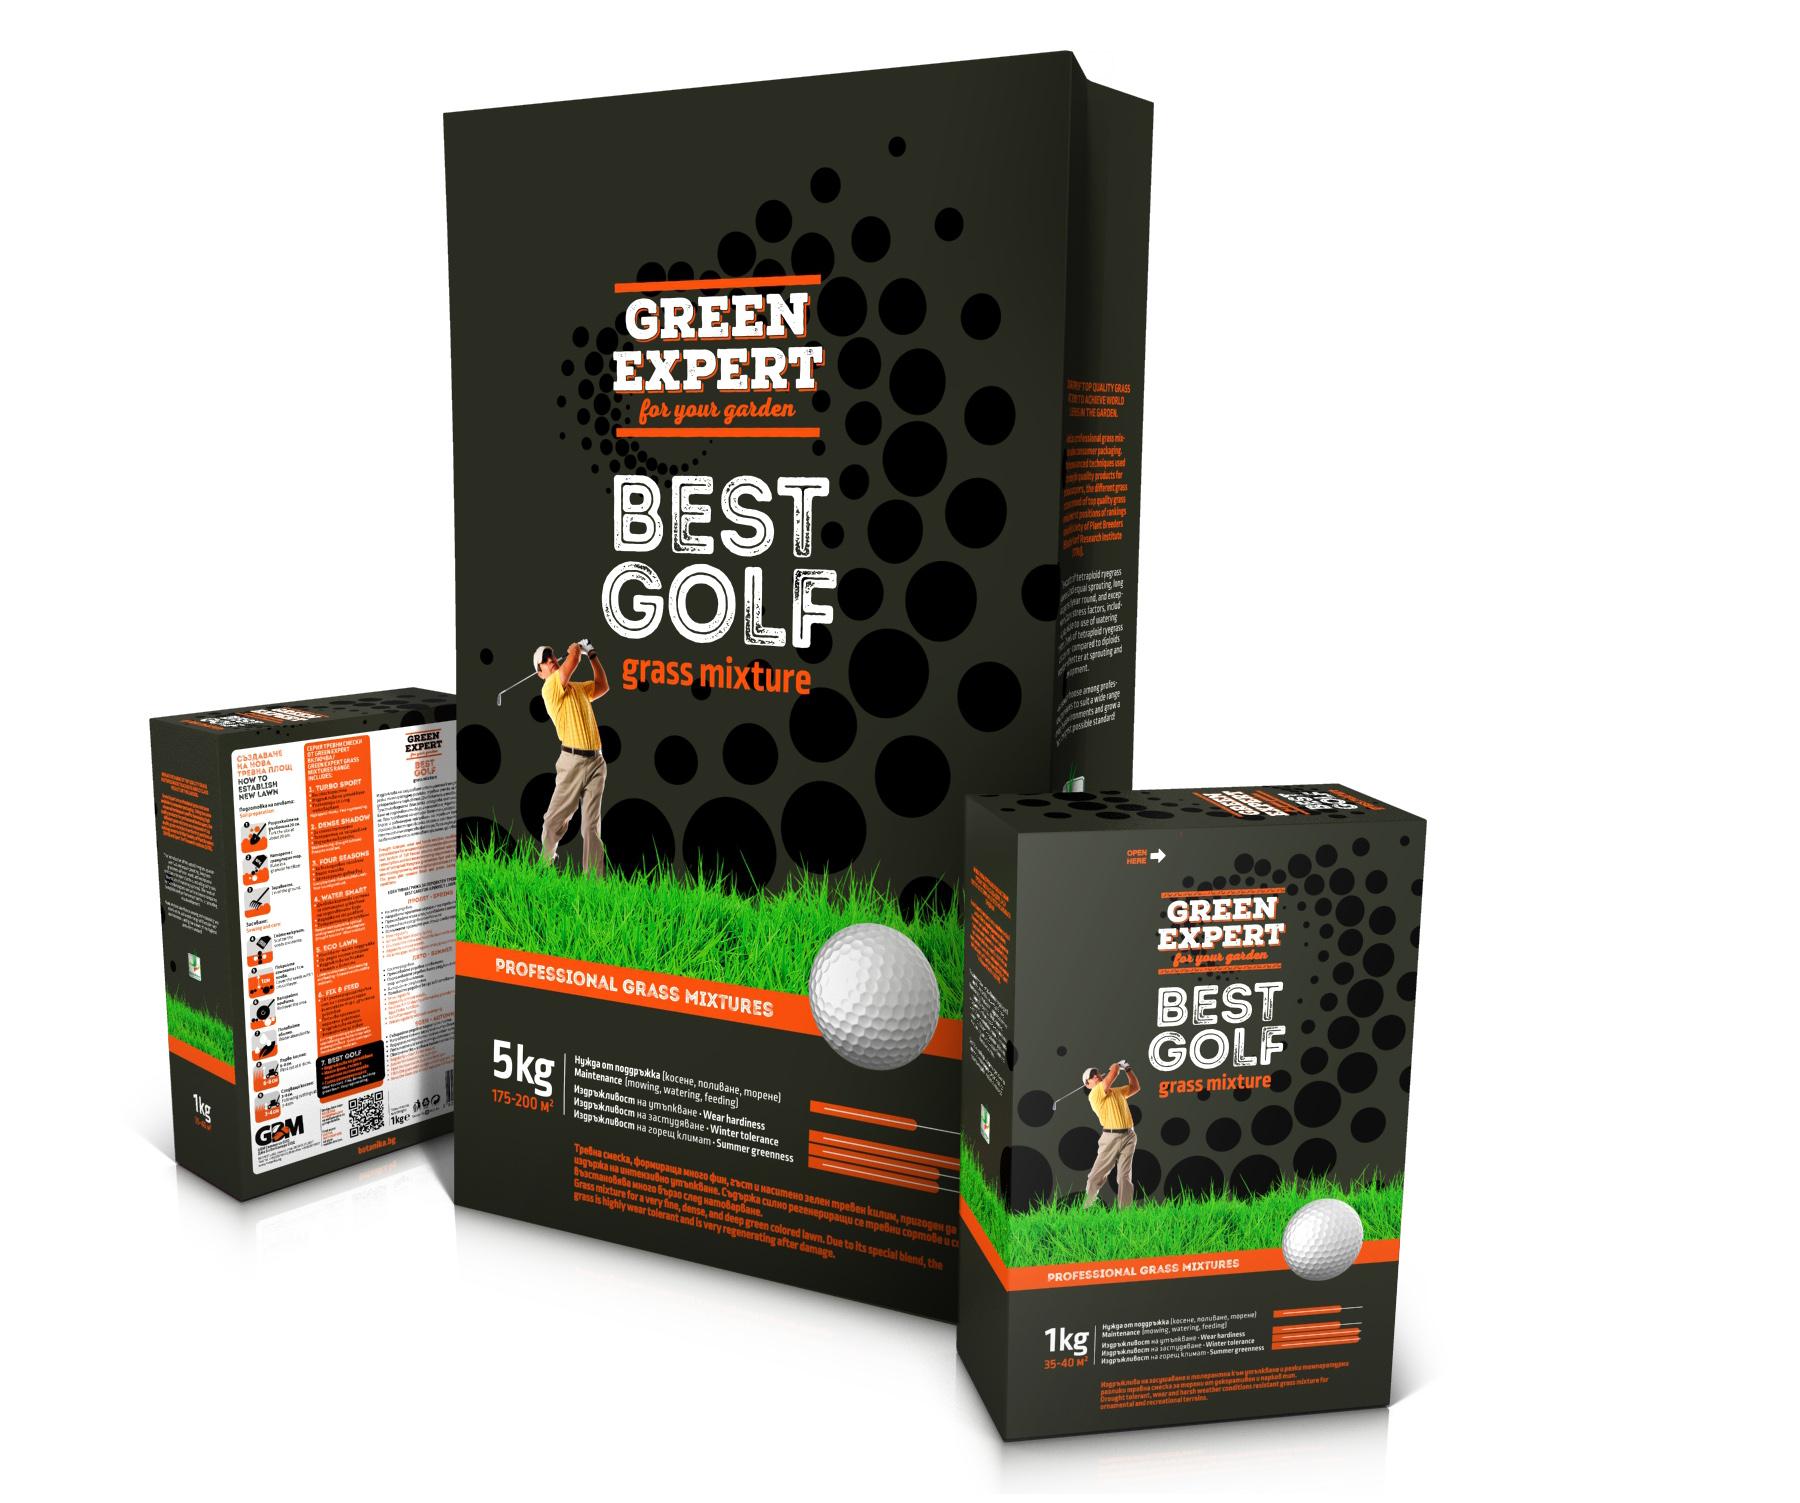 Green Expert Best Golf упаковки